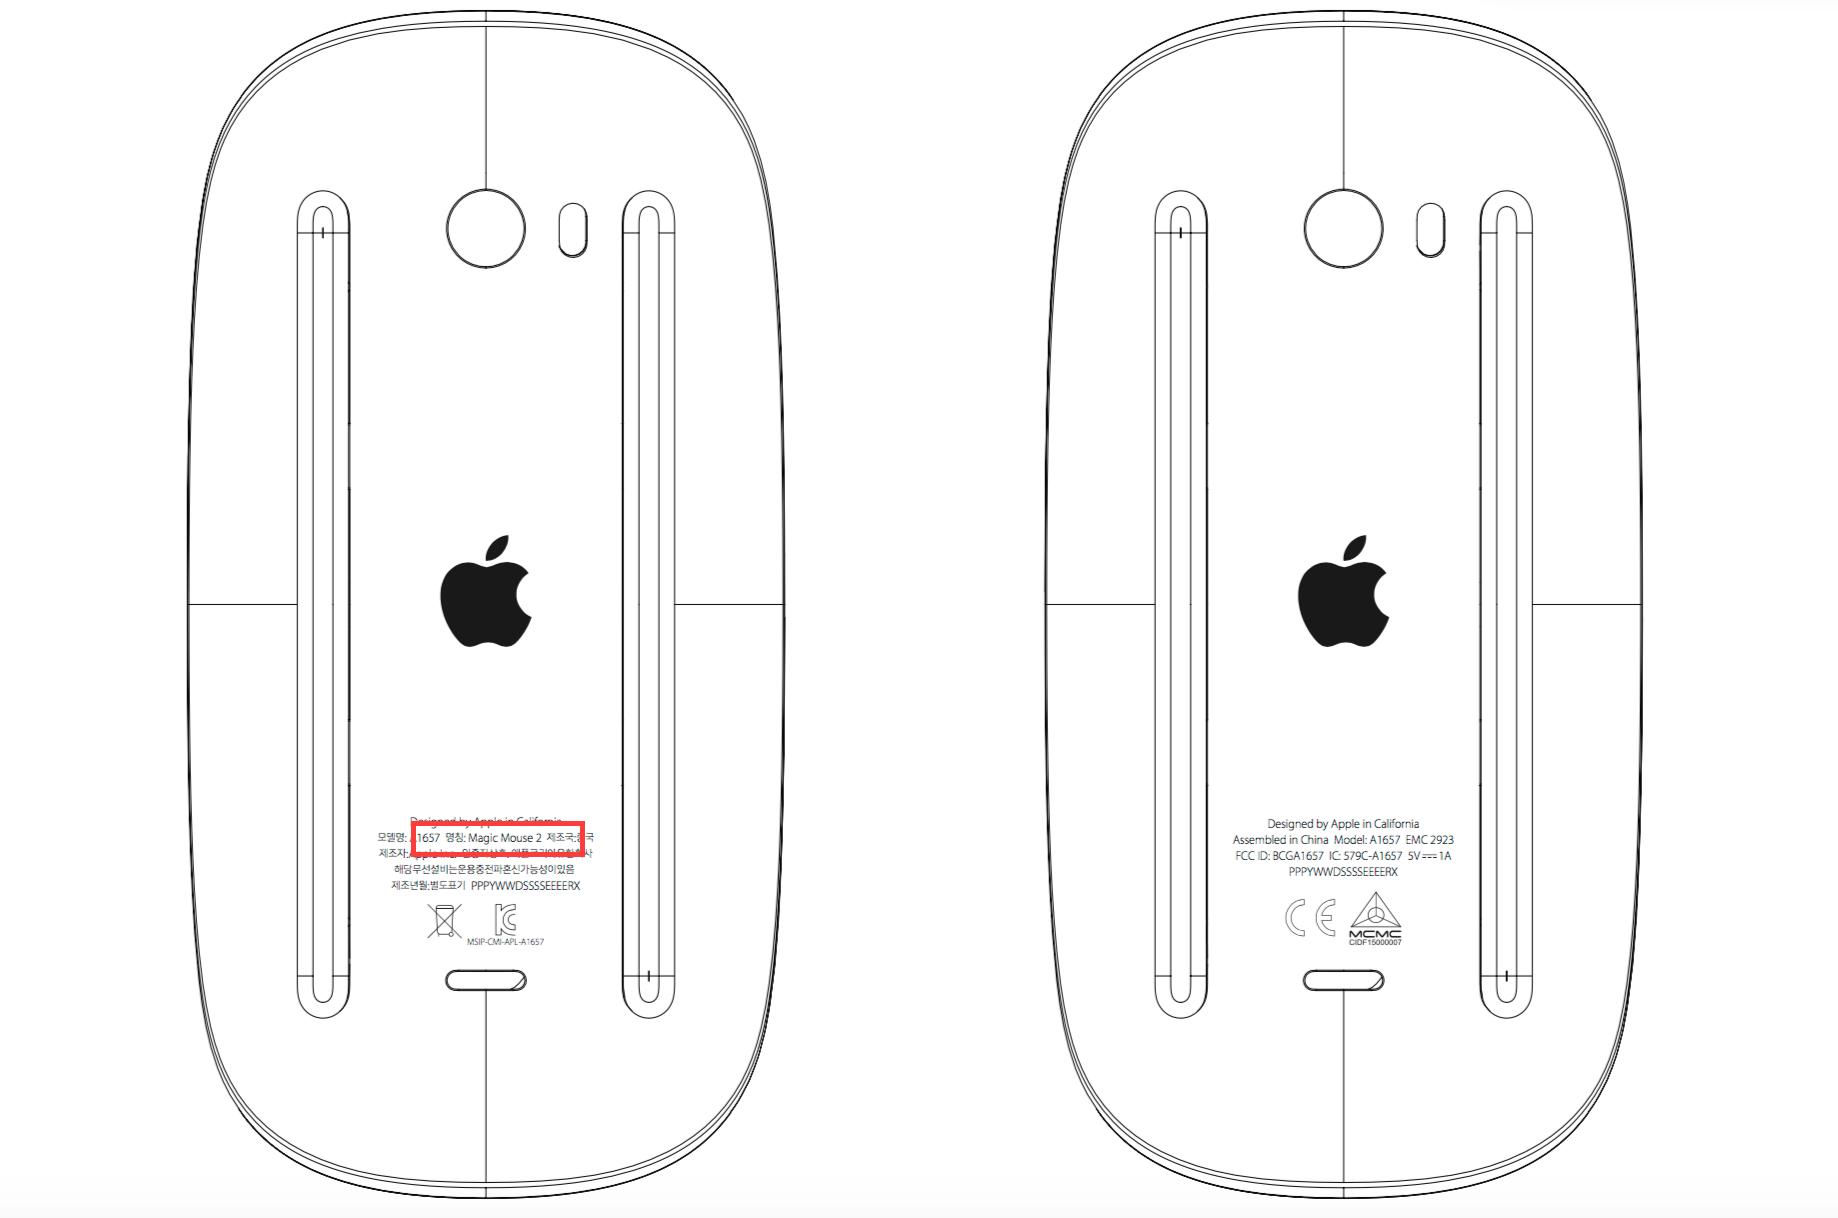 새로운 Magic Mouse와 Wireless Keyboard 출시 준비?